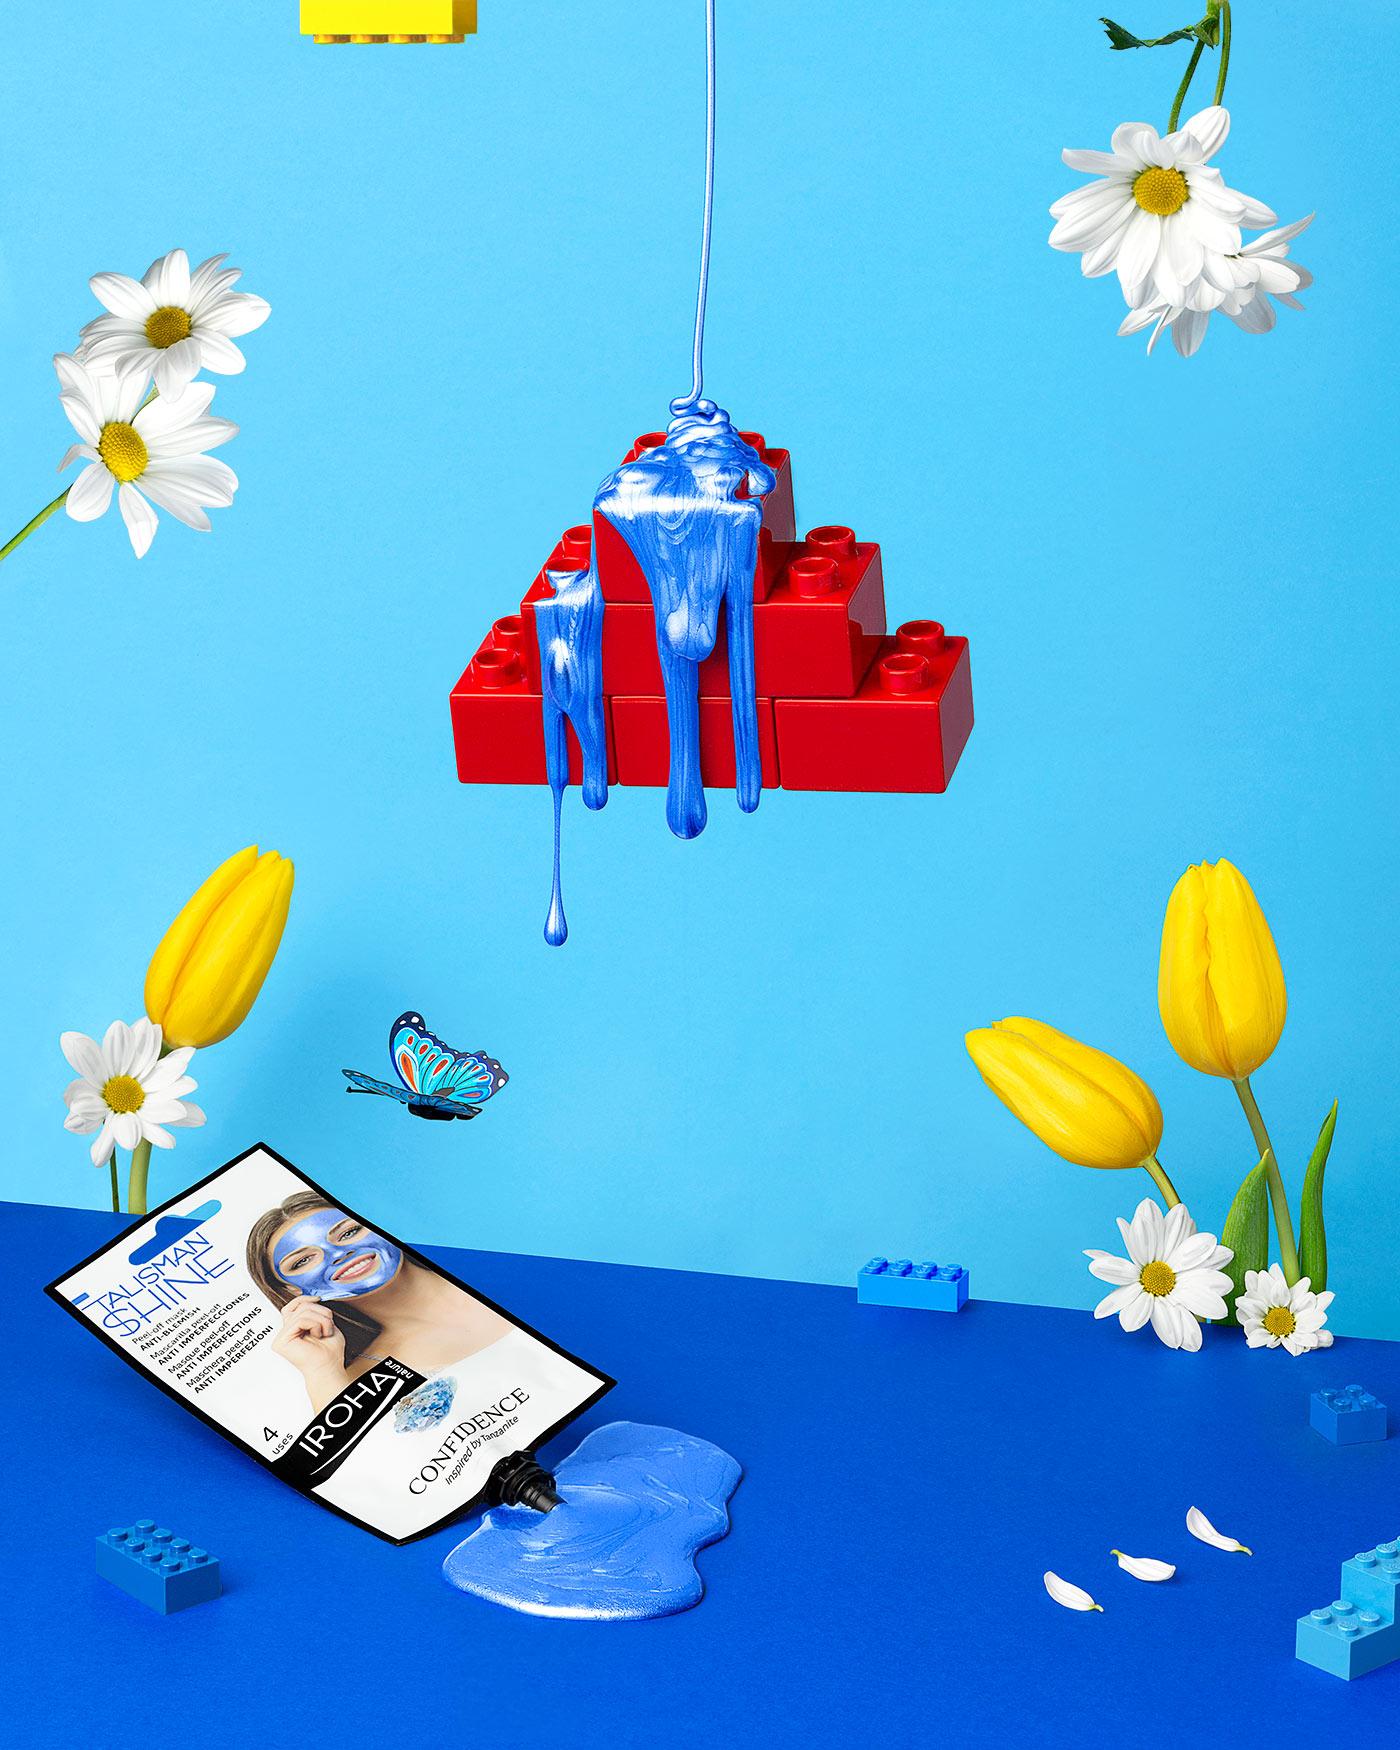 Funtastic Spring! - Fotografía para campaña publicitaria - Mascarilla Peel Off Confidence